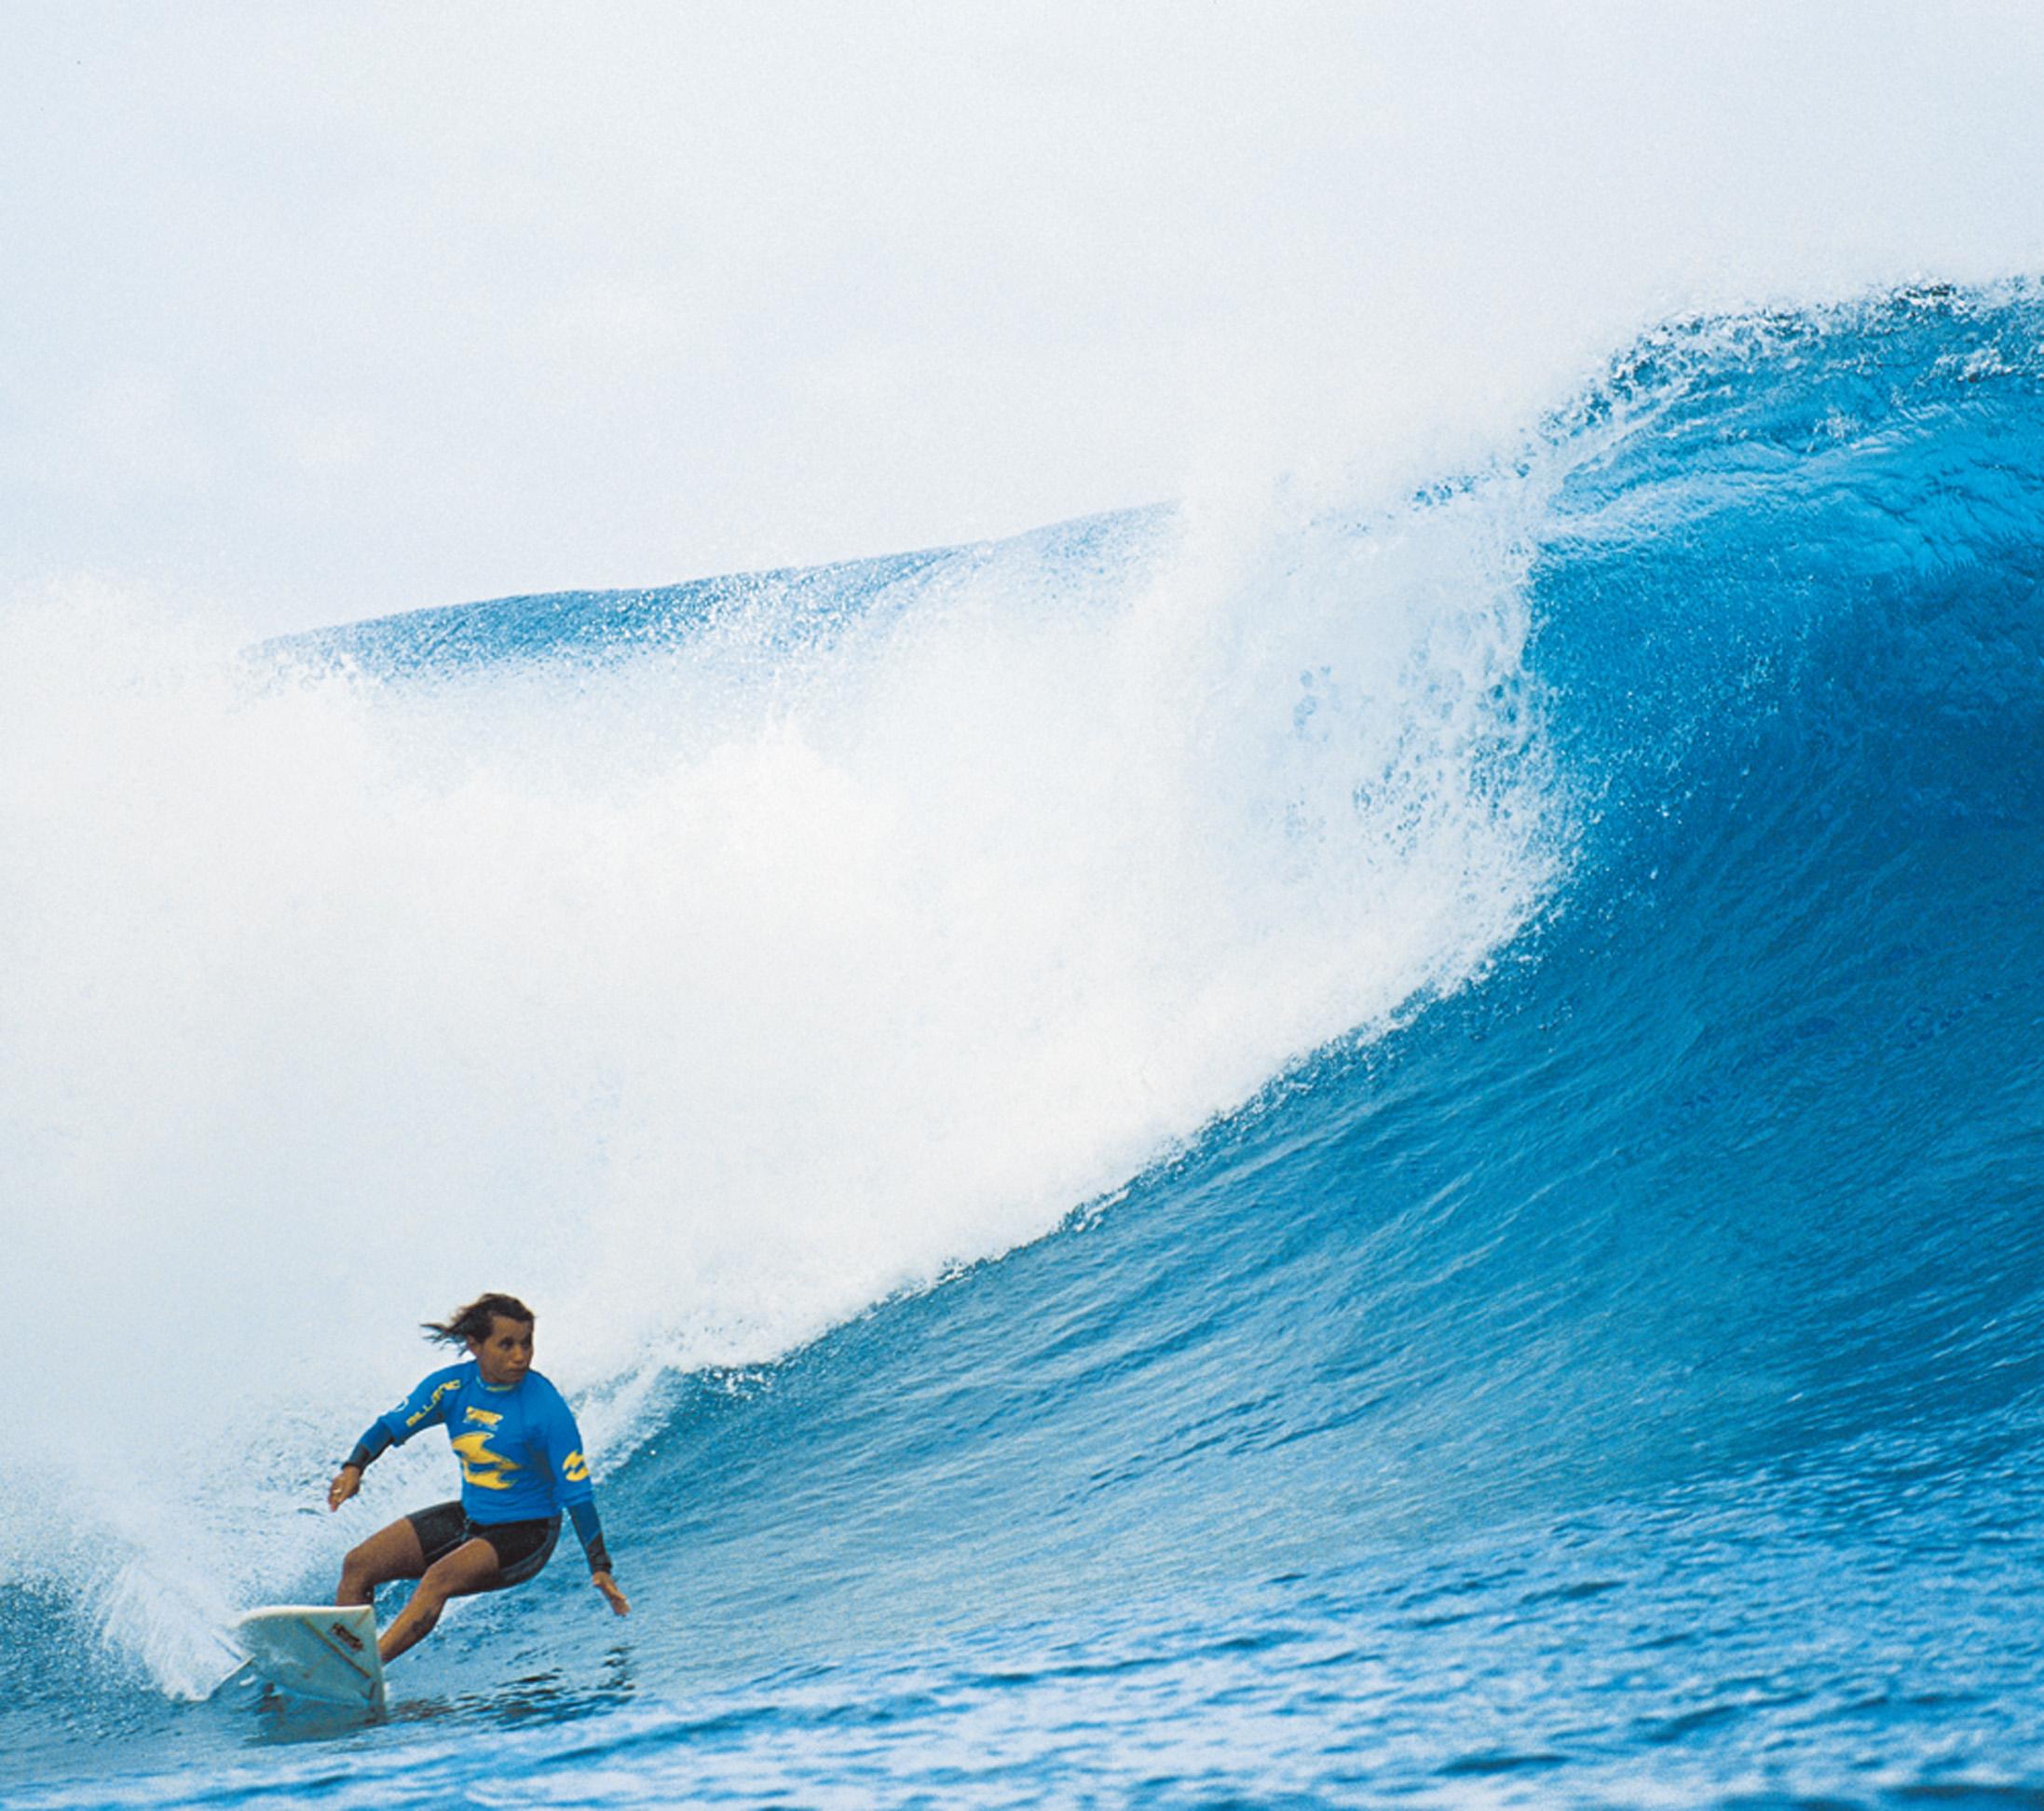 Em 2011, competindo no Mundial Feminino, em Teahupoo, no Taiti, um ano após ser campeã do Super Surf